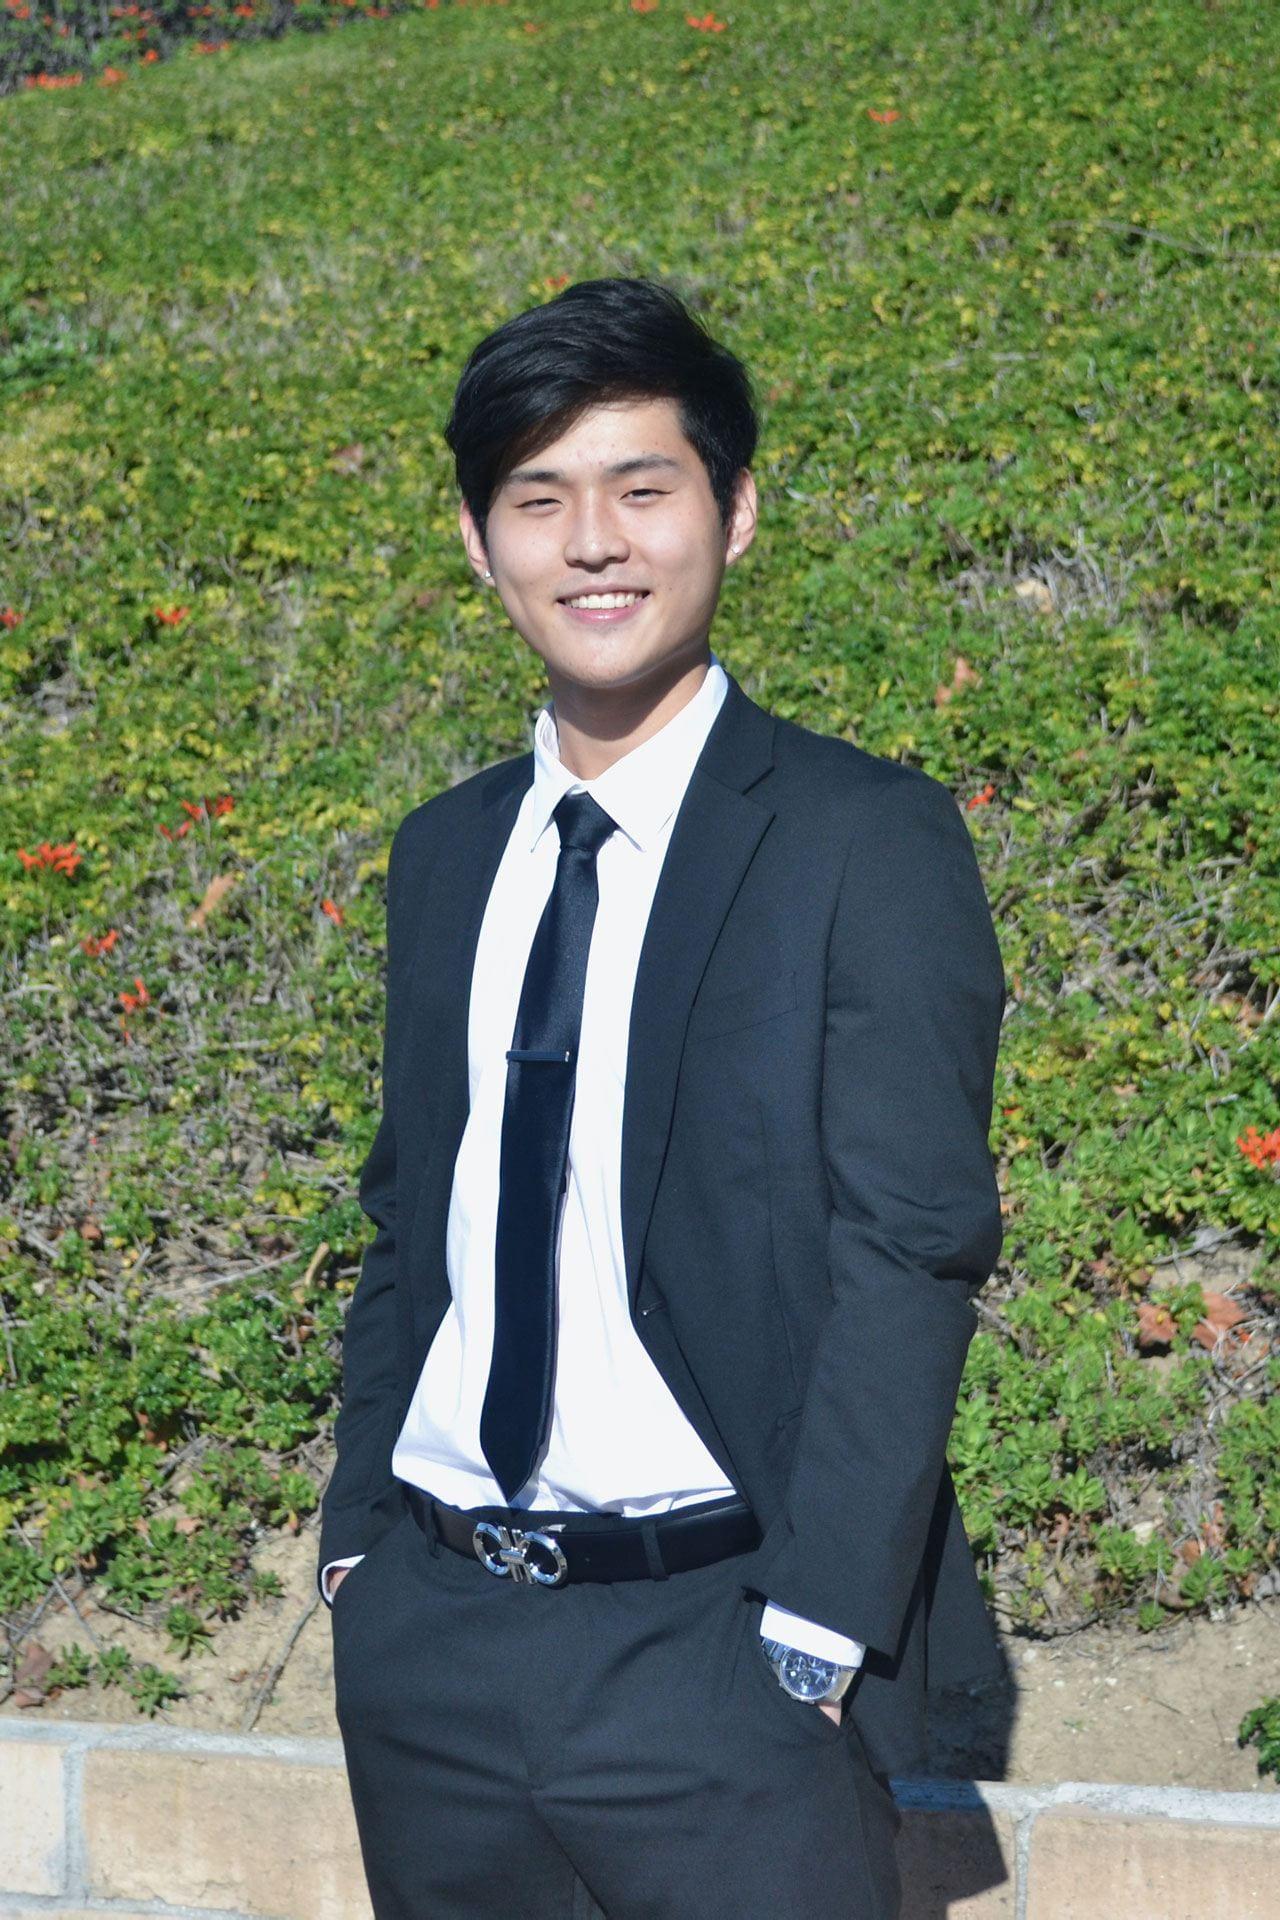 Geun (Kevin) Kim